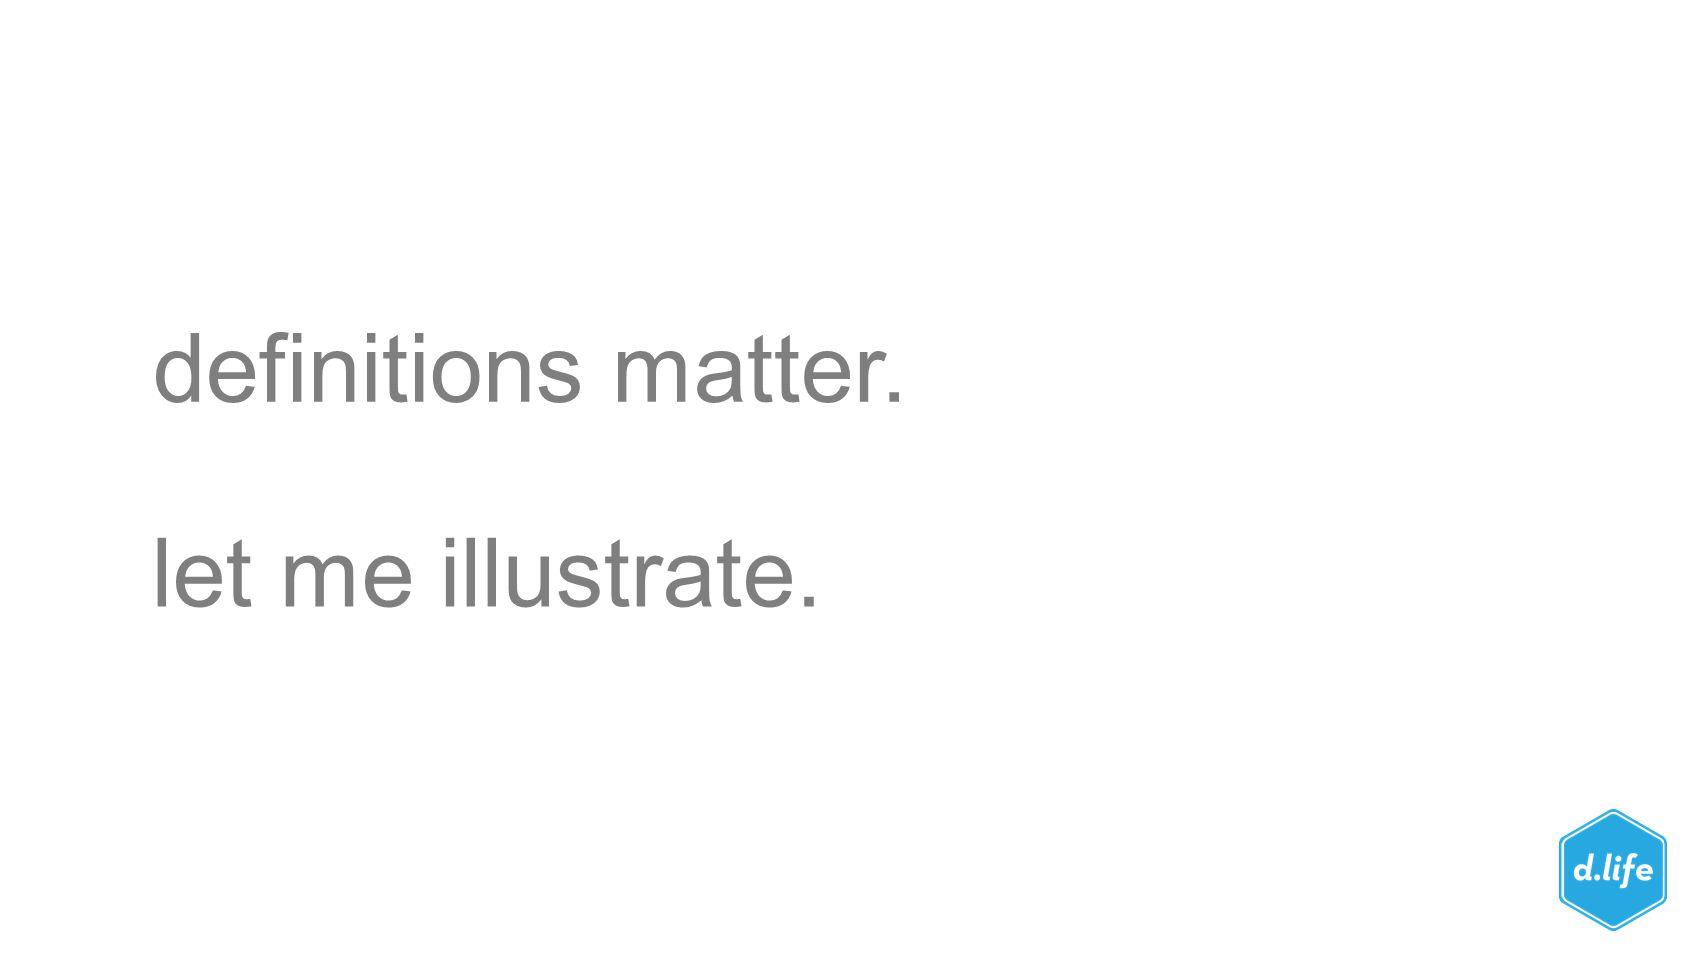 definitions matter. let me illustrate.